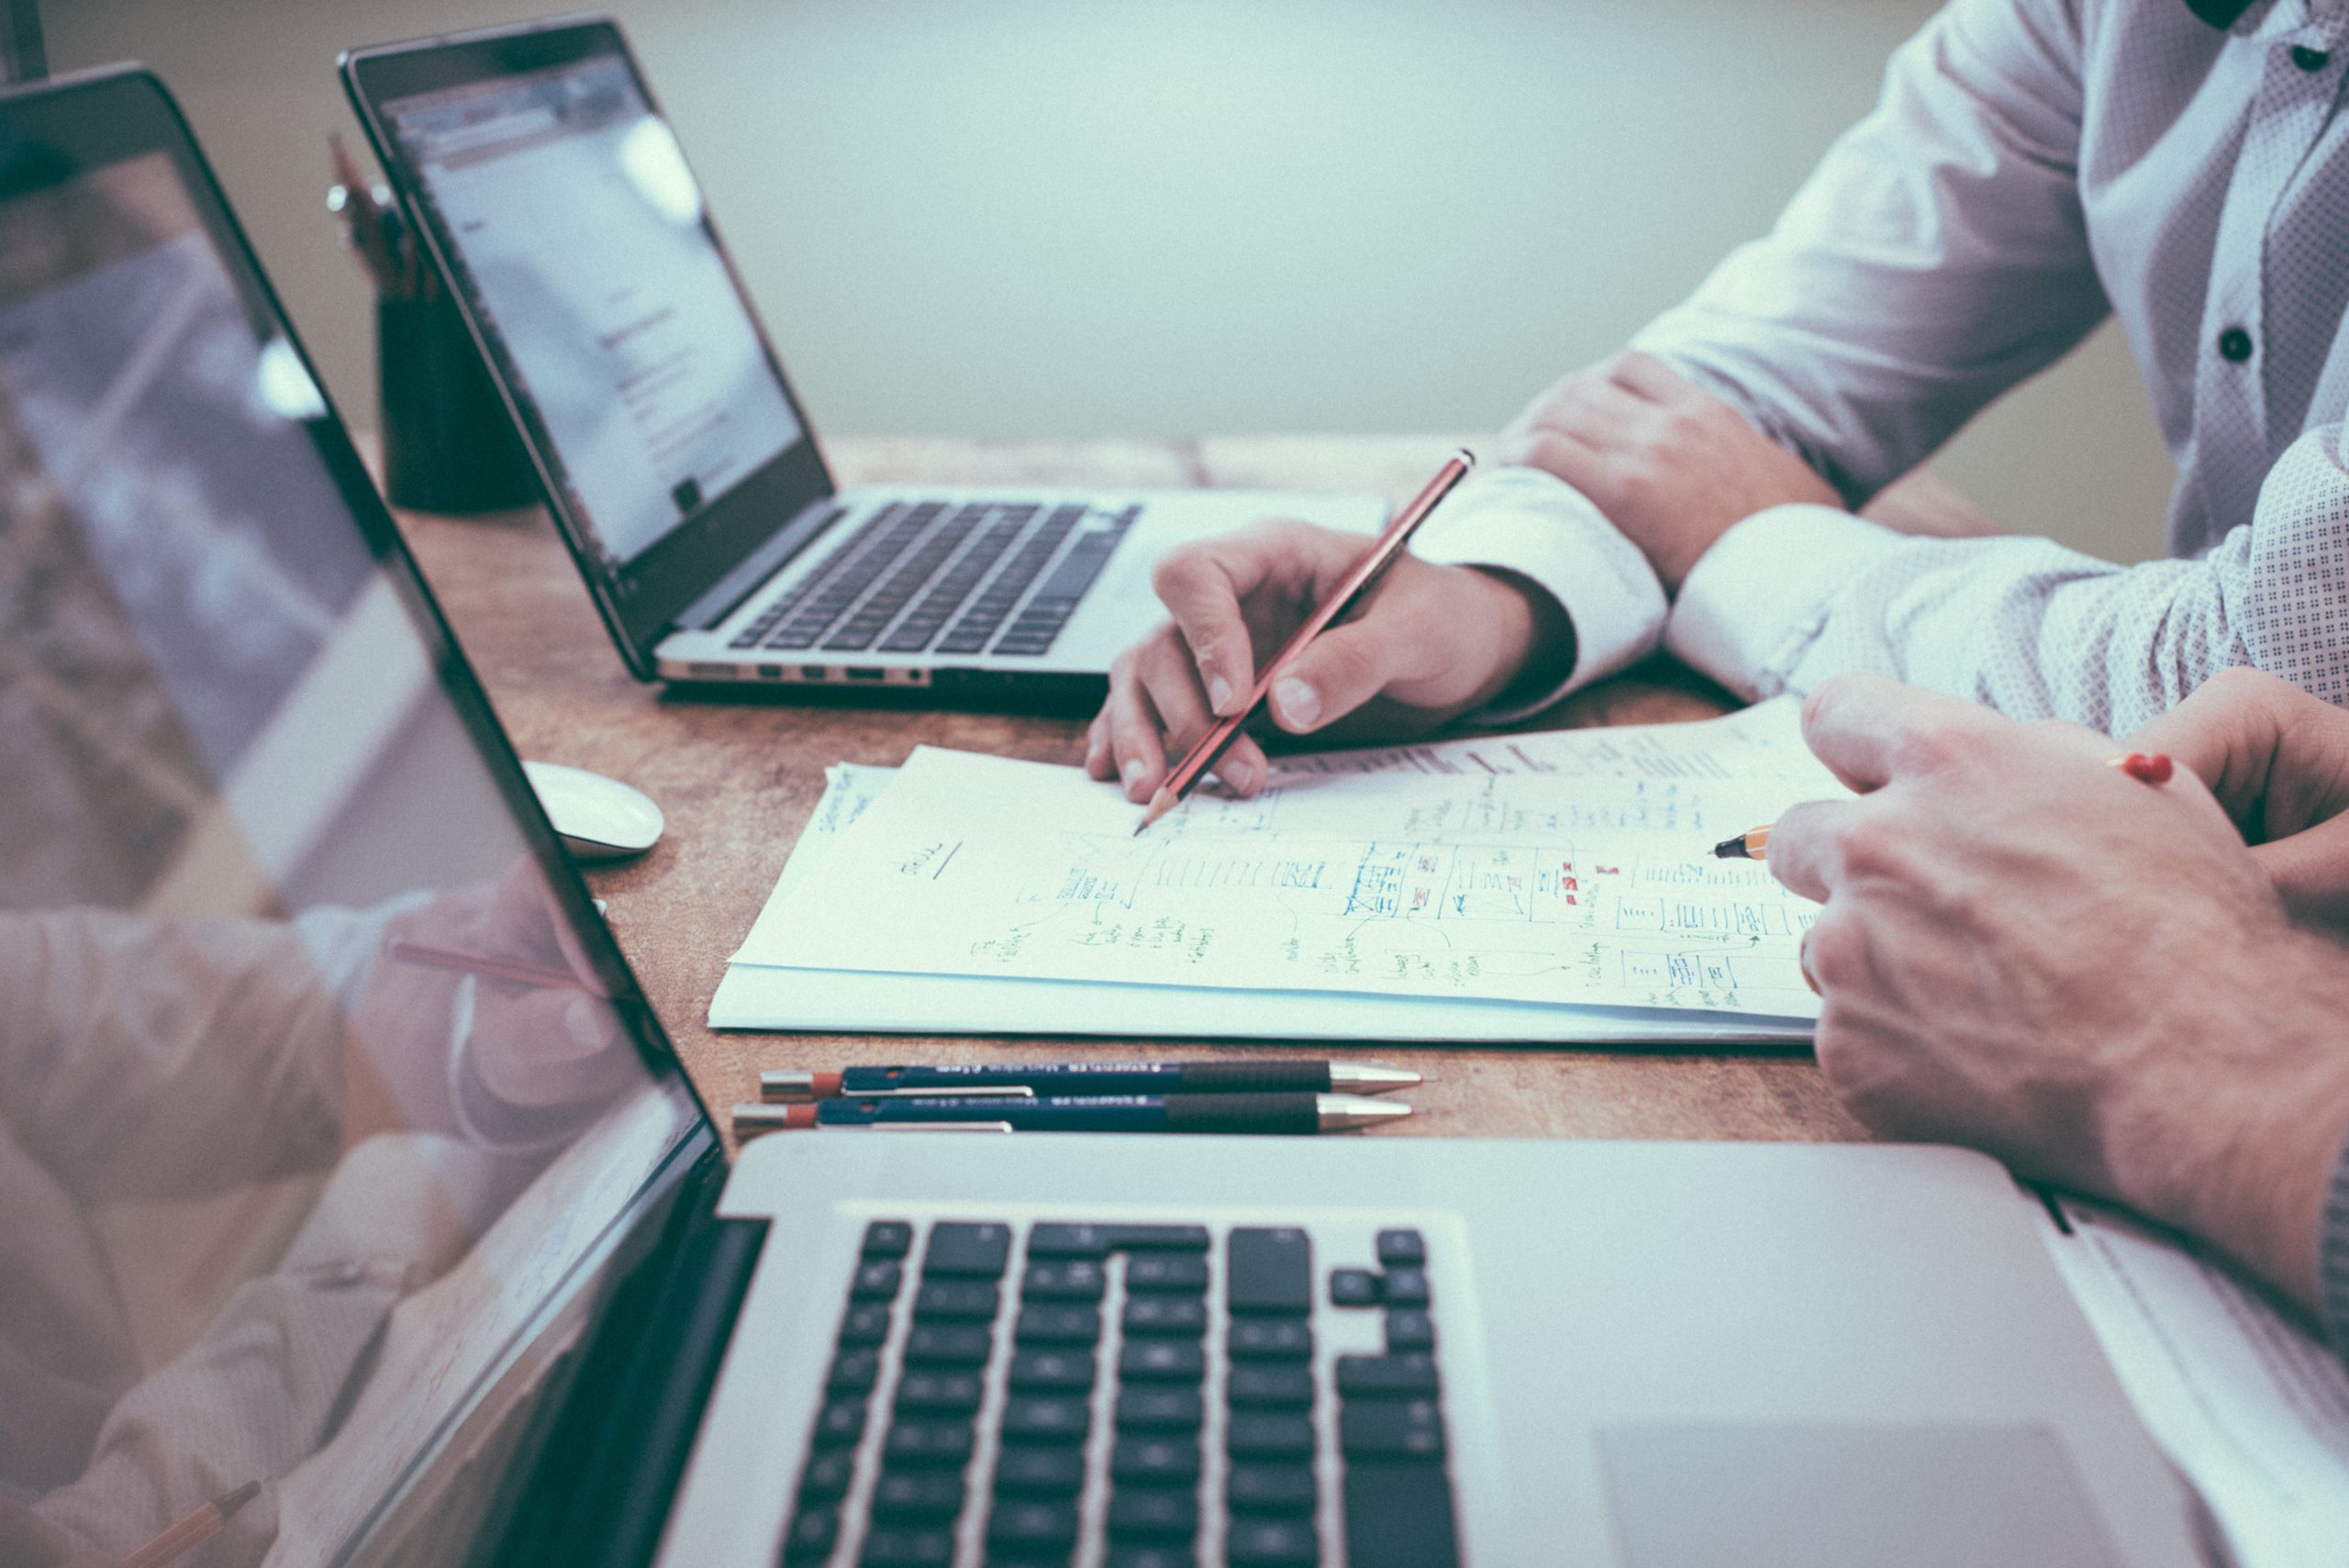 会社設立後の「社会保険」加入は必須?種類や手続方法も